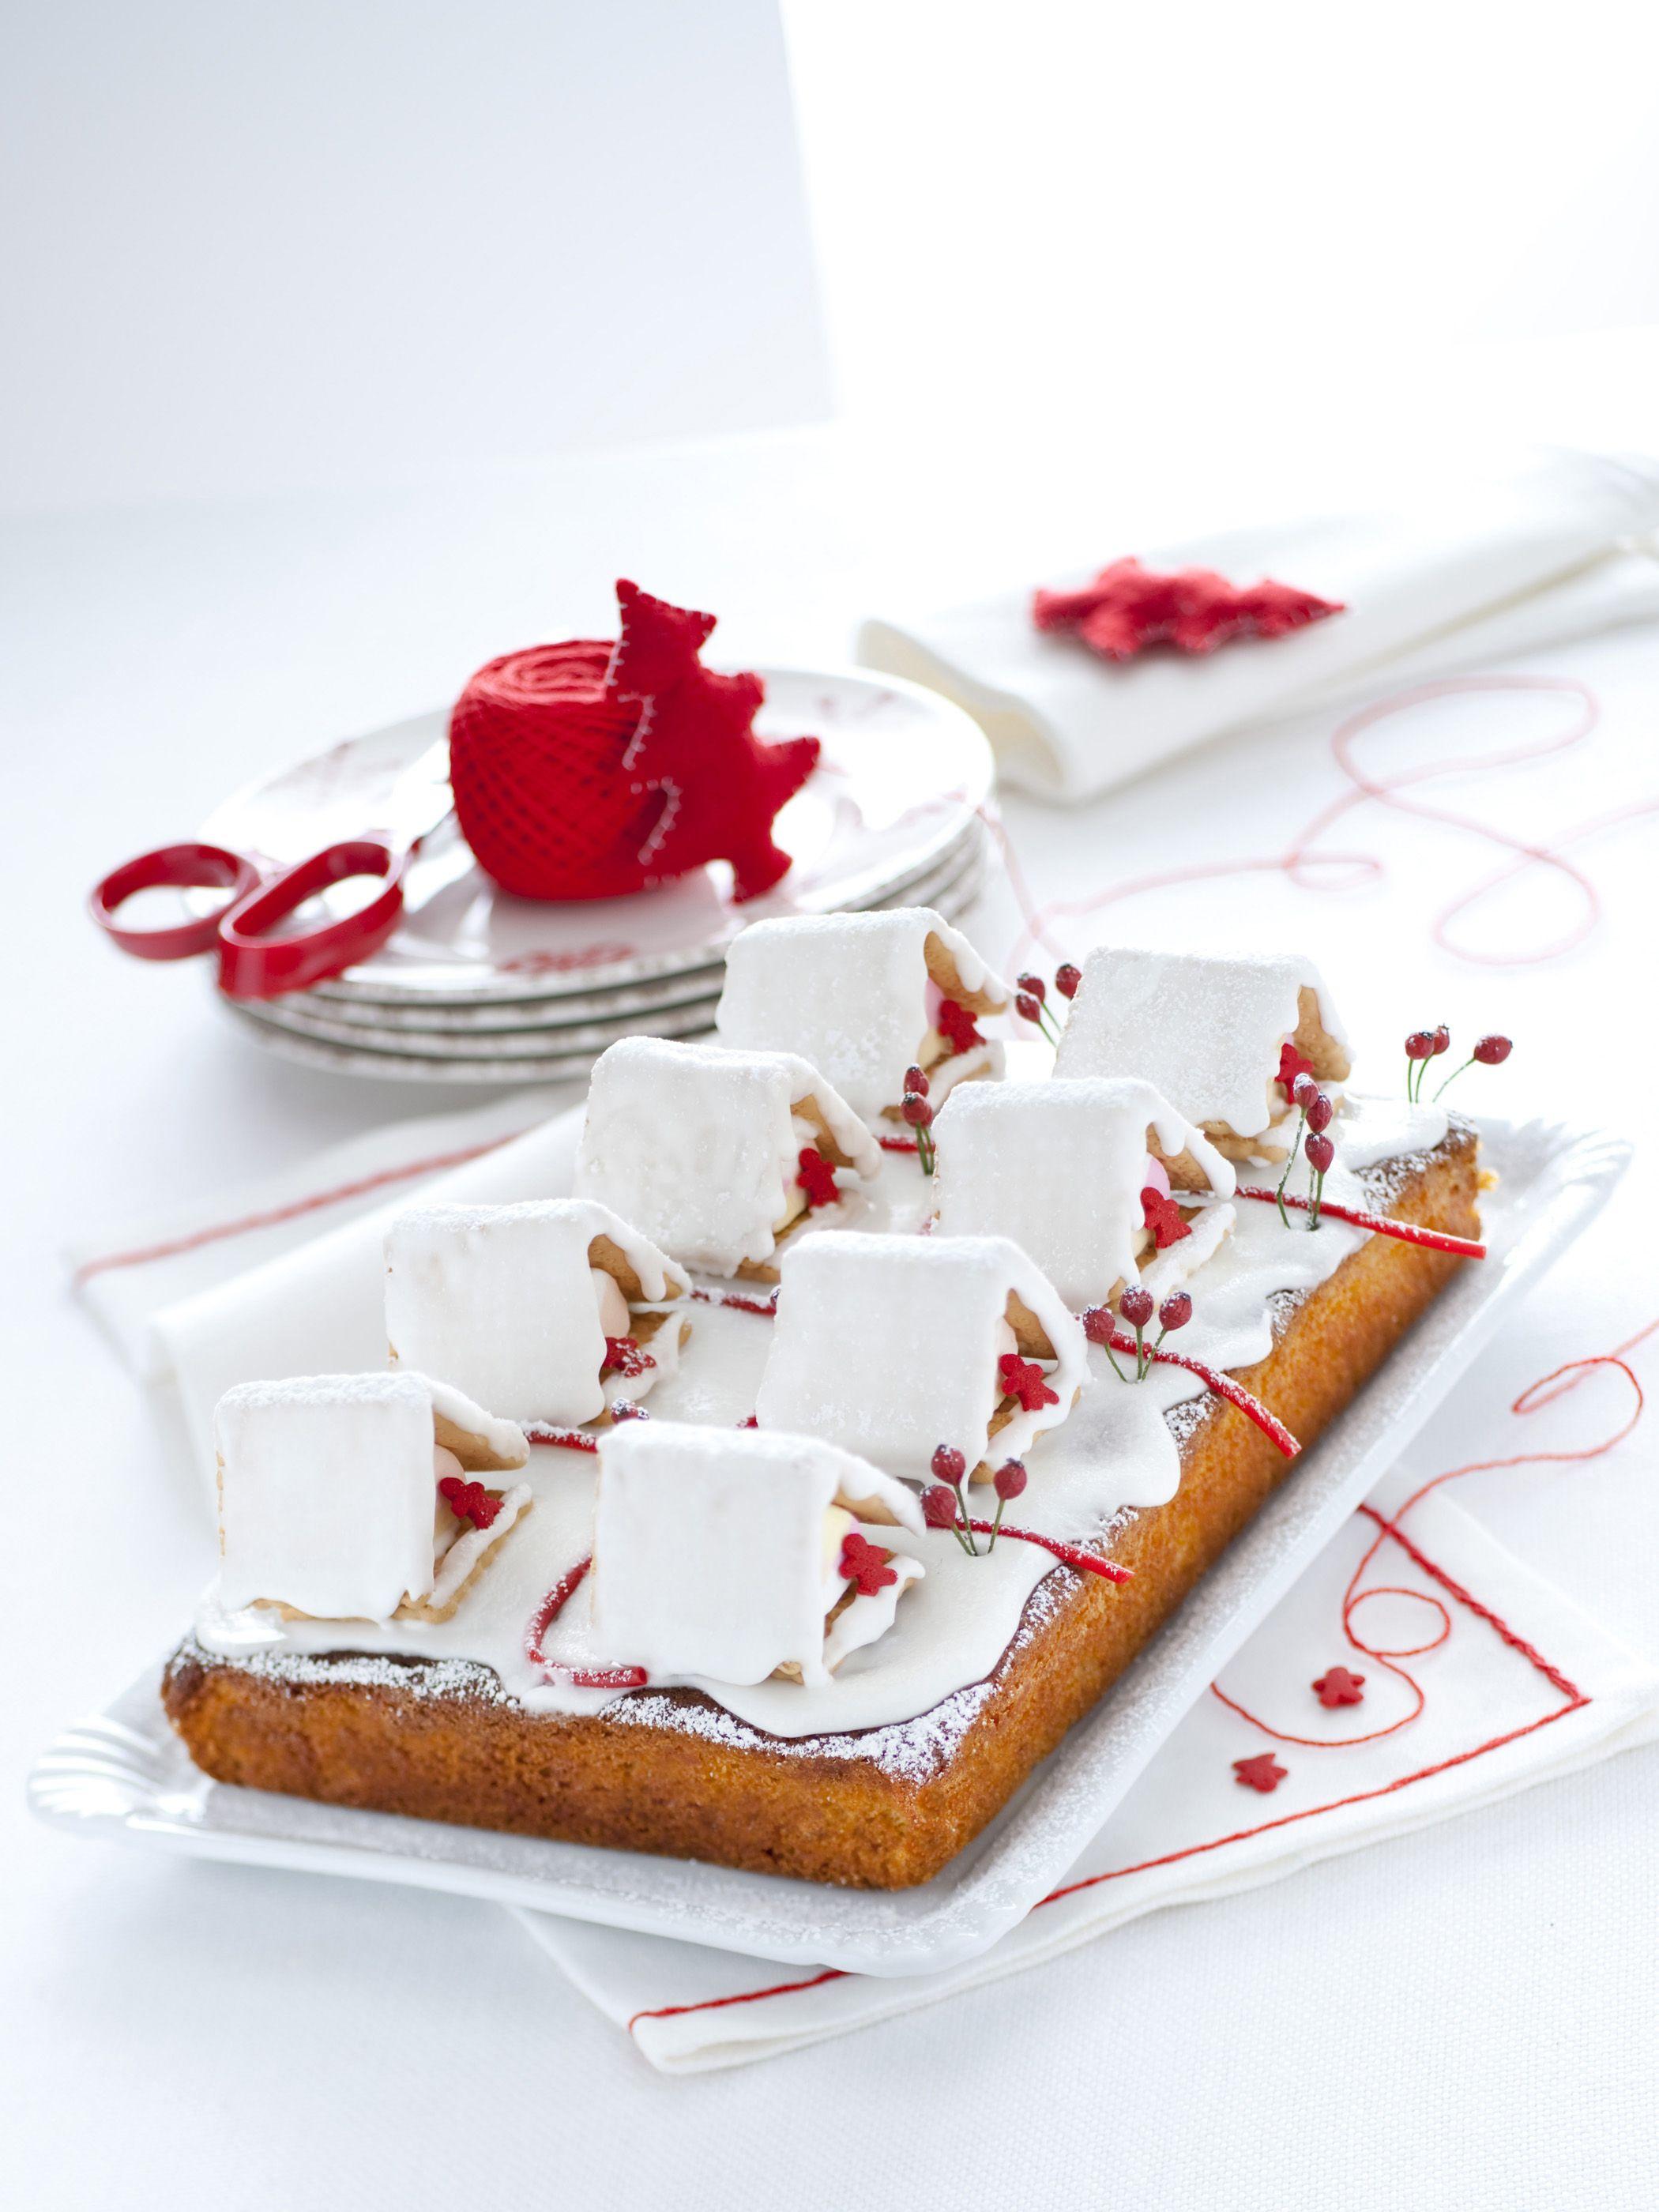 Il natale il momento ideale per cucinare con i bambini scegli con sale pepe fra tante ricette - Cucinare coi bambini ...